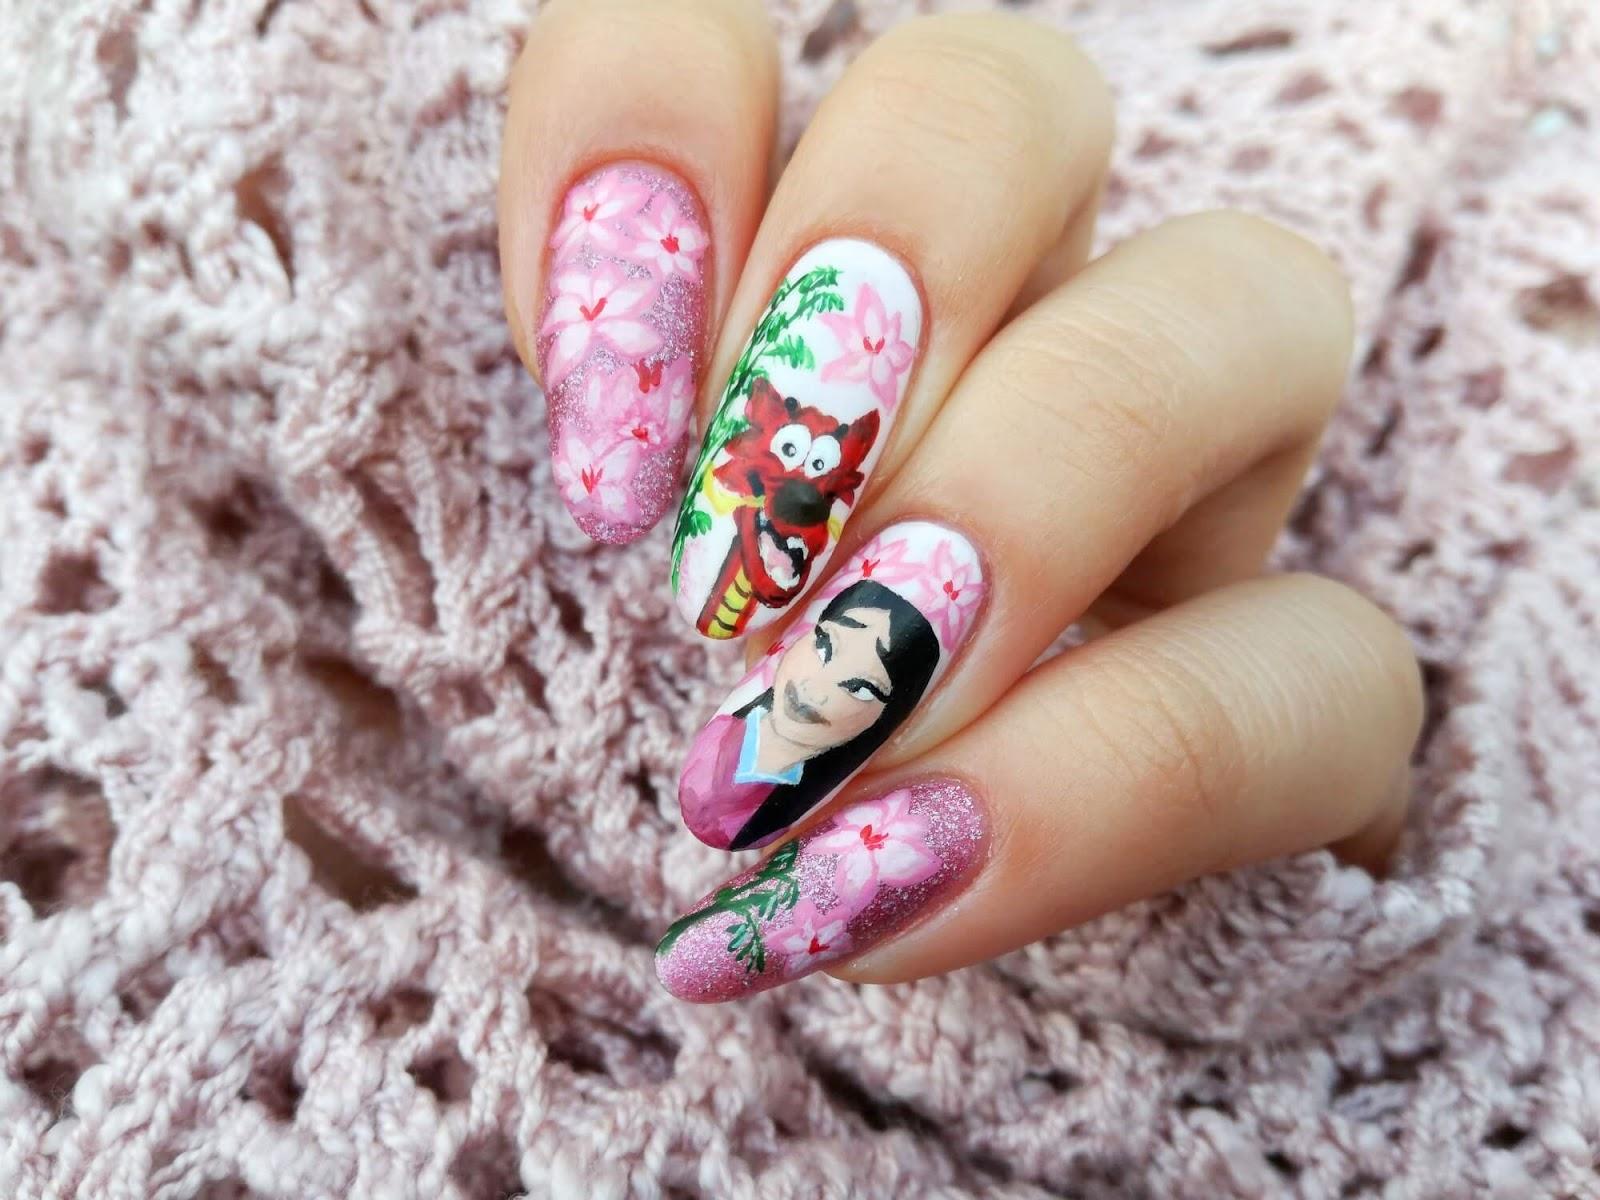 Bajkowe paznokcie - Mulan